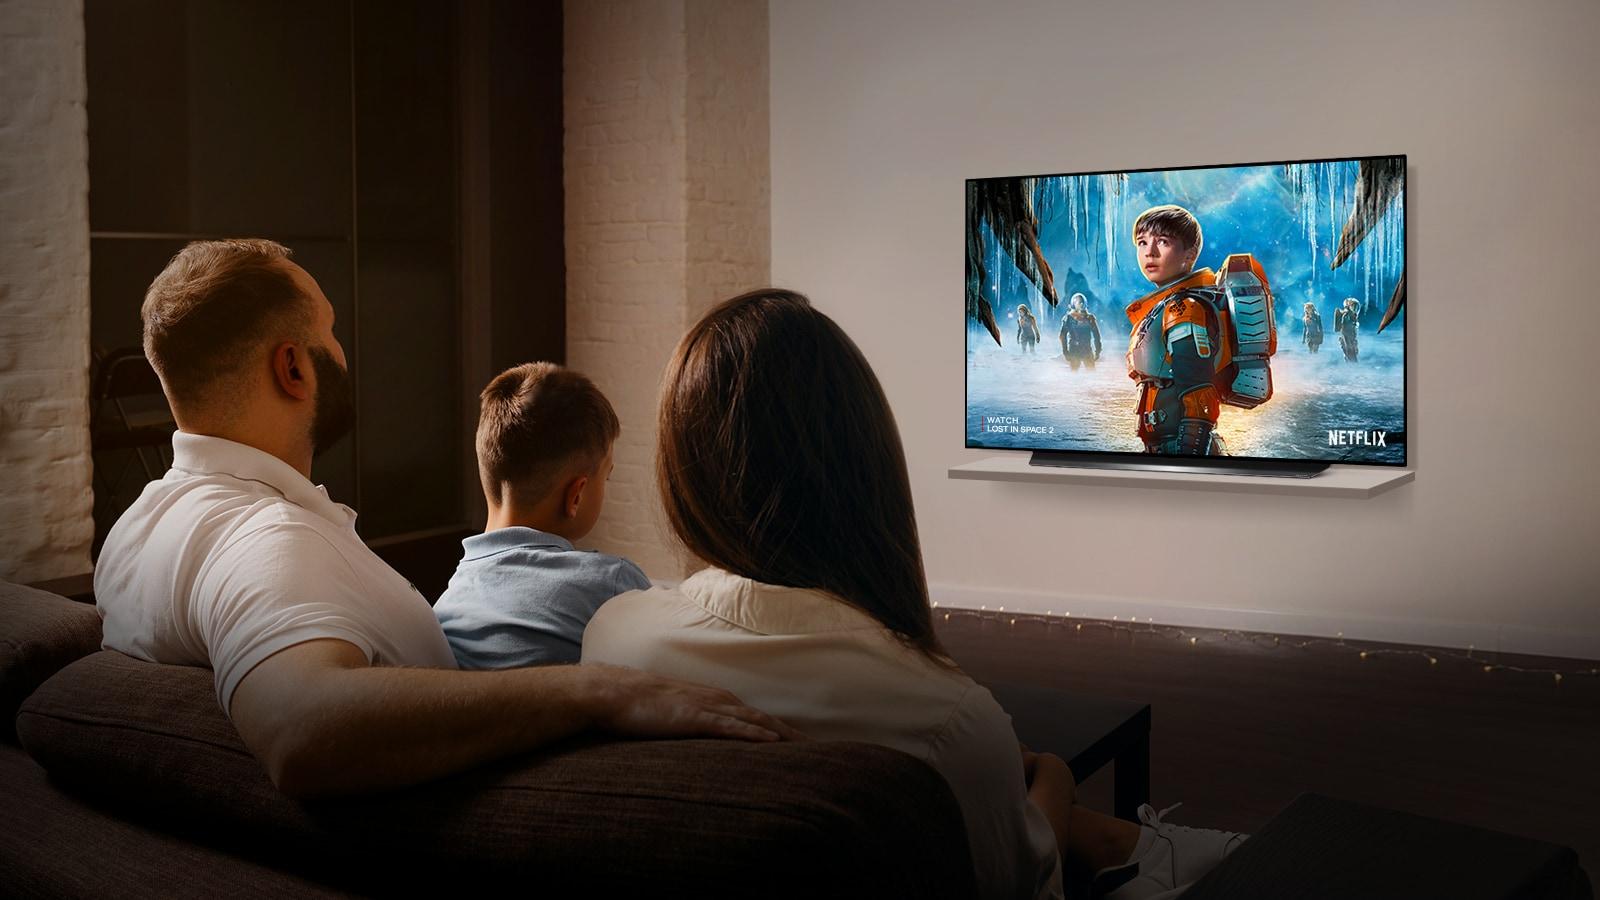 Um casal sentado em um sofá na sala de estar assistindo à série PERDIDOS NO ESPAÇO 2 na TV